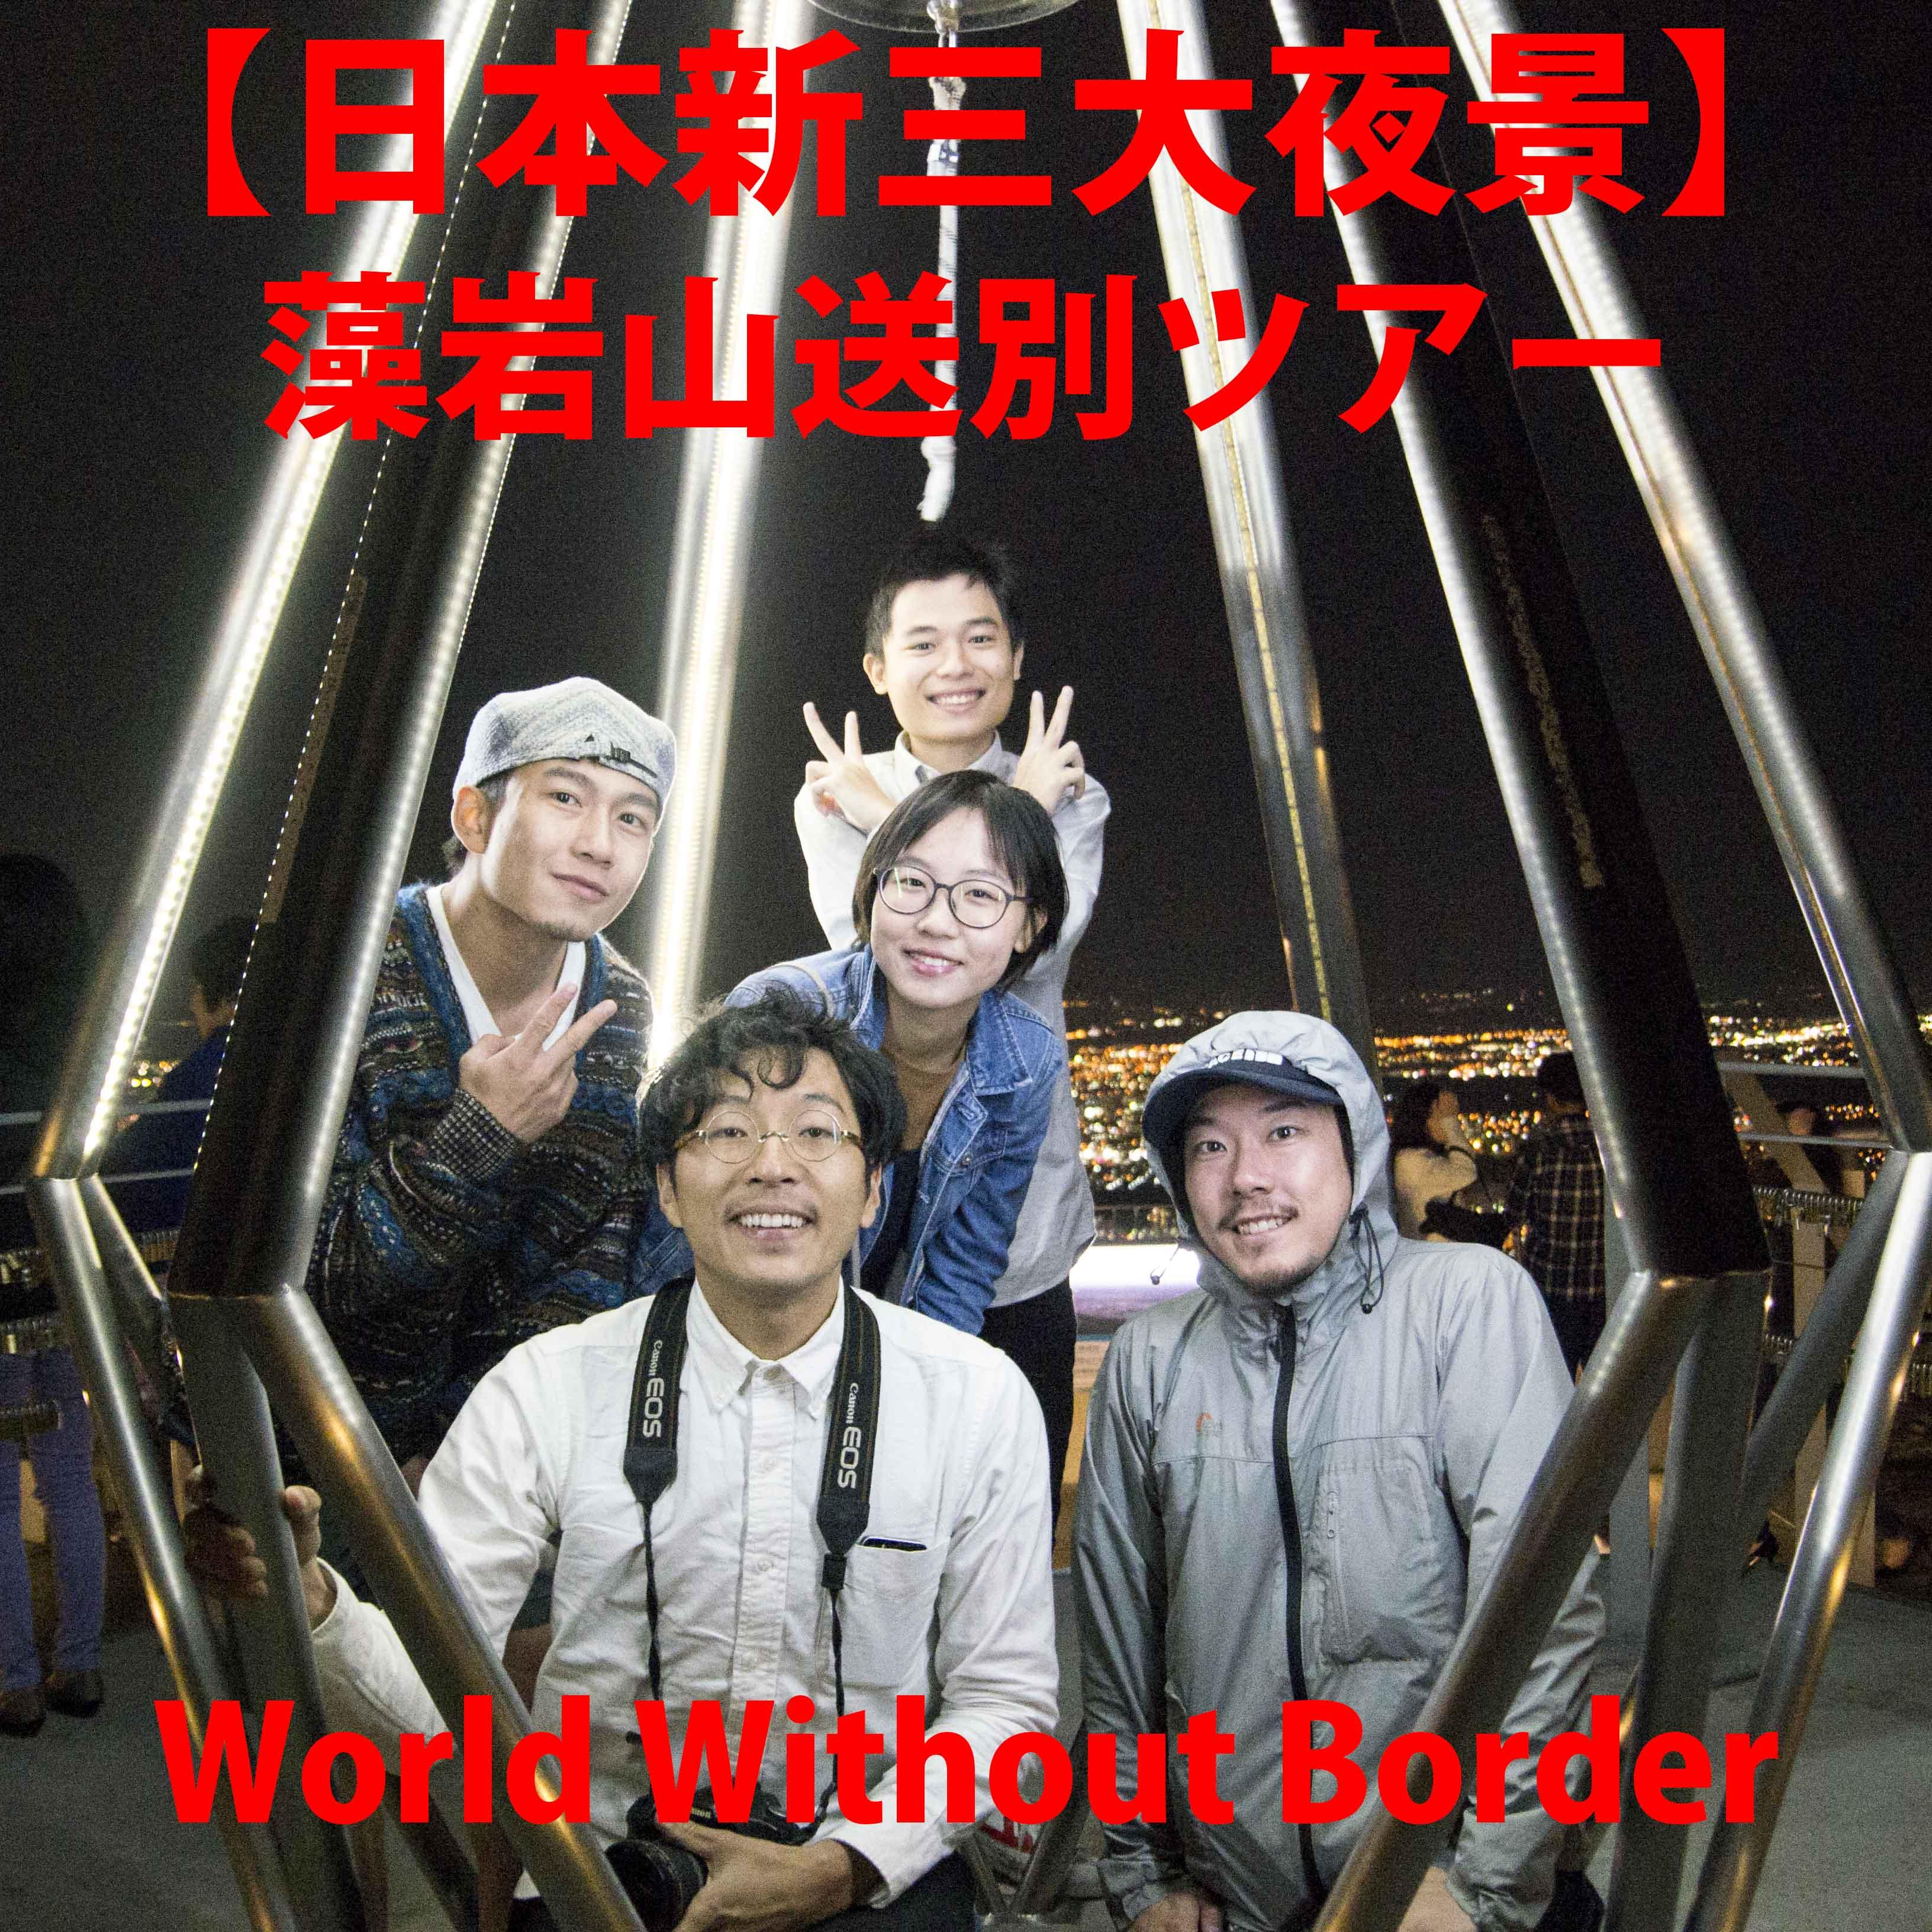 【日本新三大夜景】藻岩山に中国人インターンを連れて写真撮影してきました